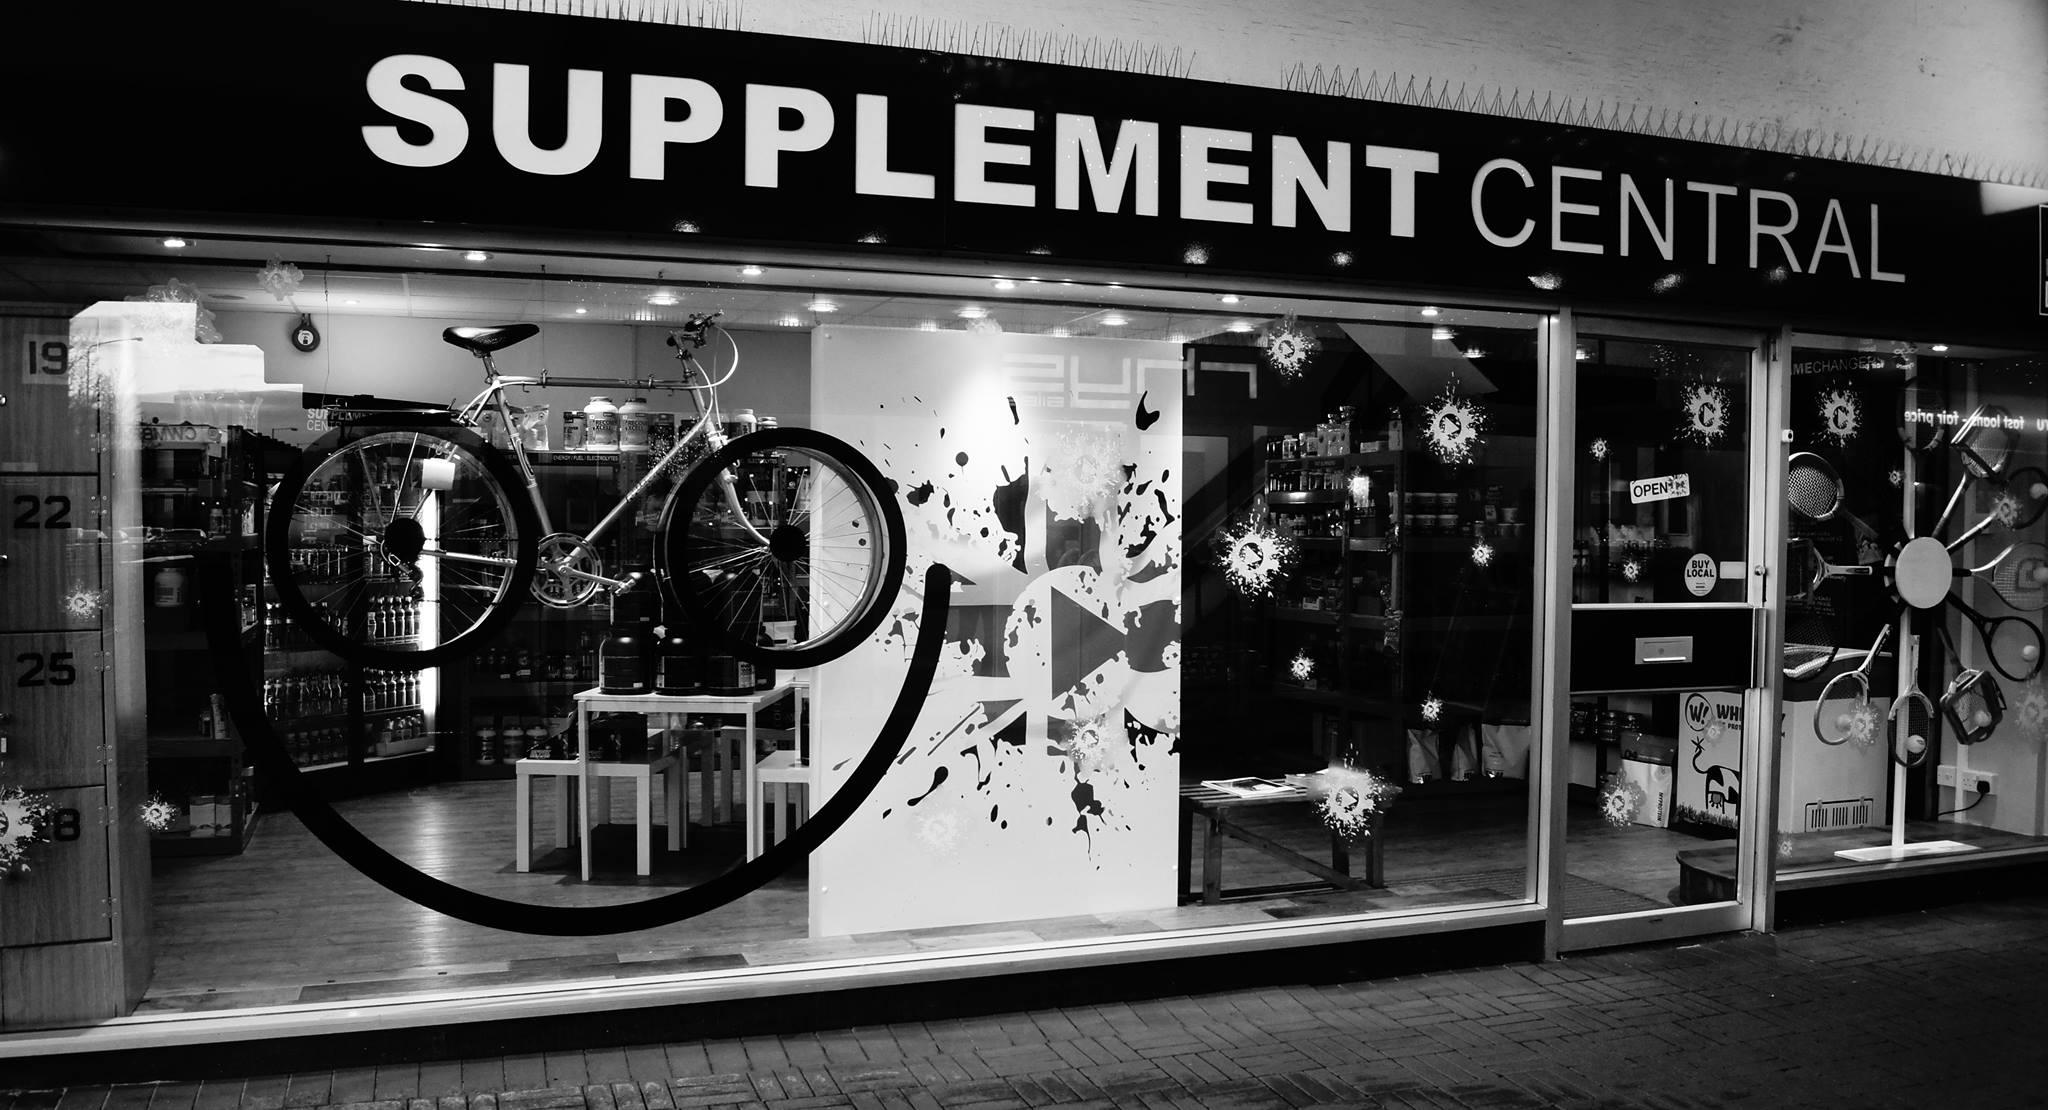 supplement central shop front case study